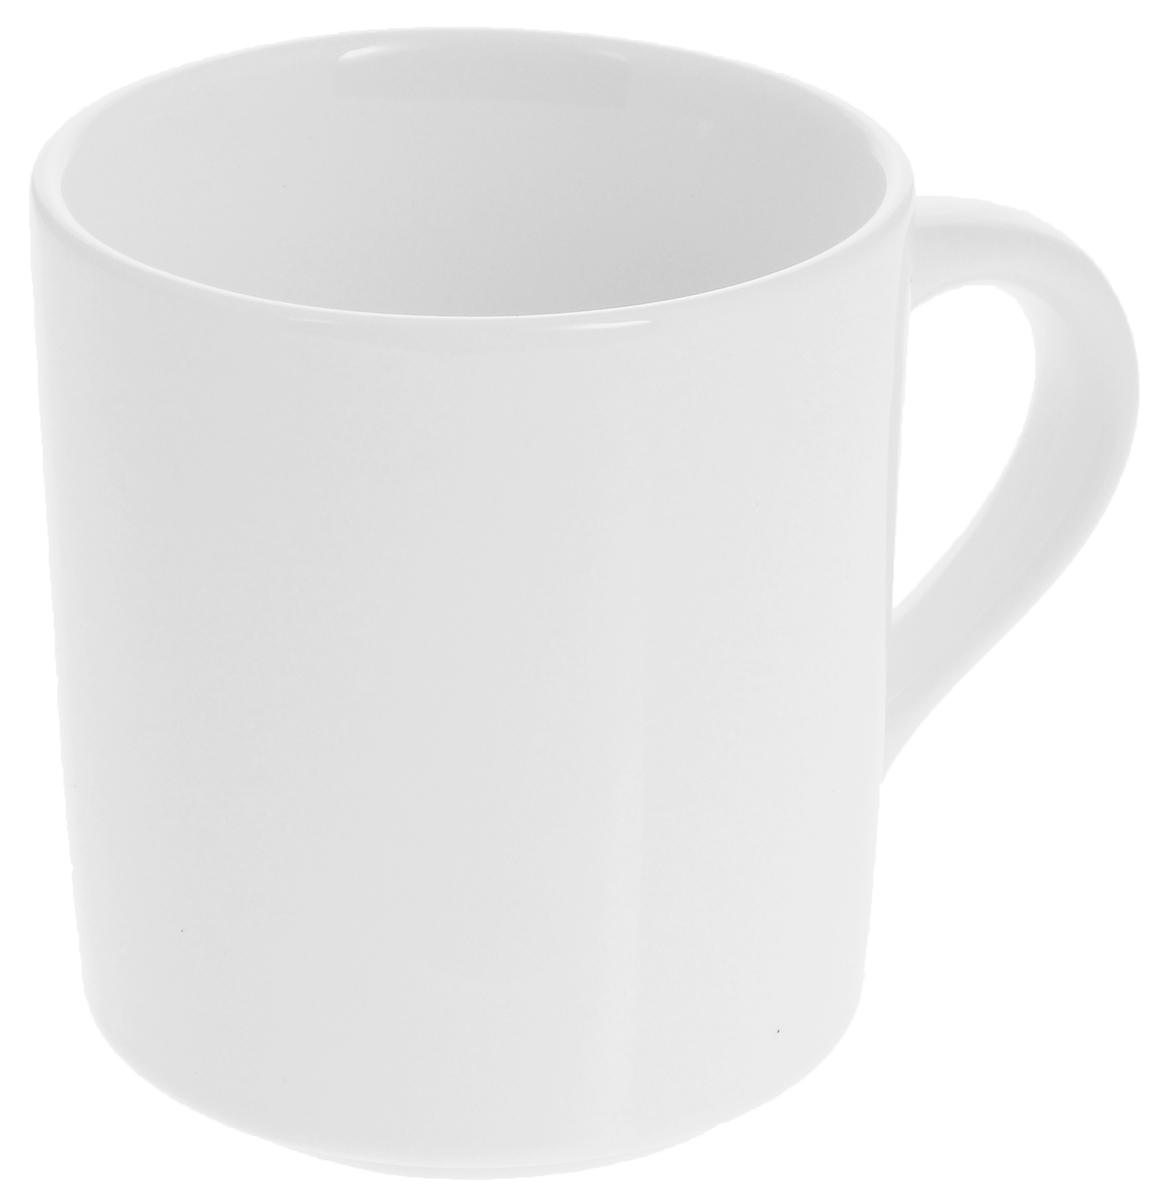 """Кружка """"Wilmax"""" изготовлена из высококачественного  фарфора и сочетает в себе оригинальный дизайн и  функциональность.  Такая кружка идеально впишется в интерьер современной  кухни, а также станет хорошим и практичным подарком на  любой праздник.  Диаметр кружки (по верхнему краю): 8 см. Высота кружки: 9 см."""